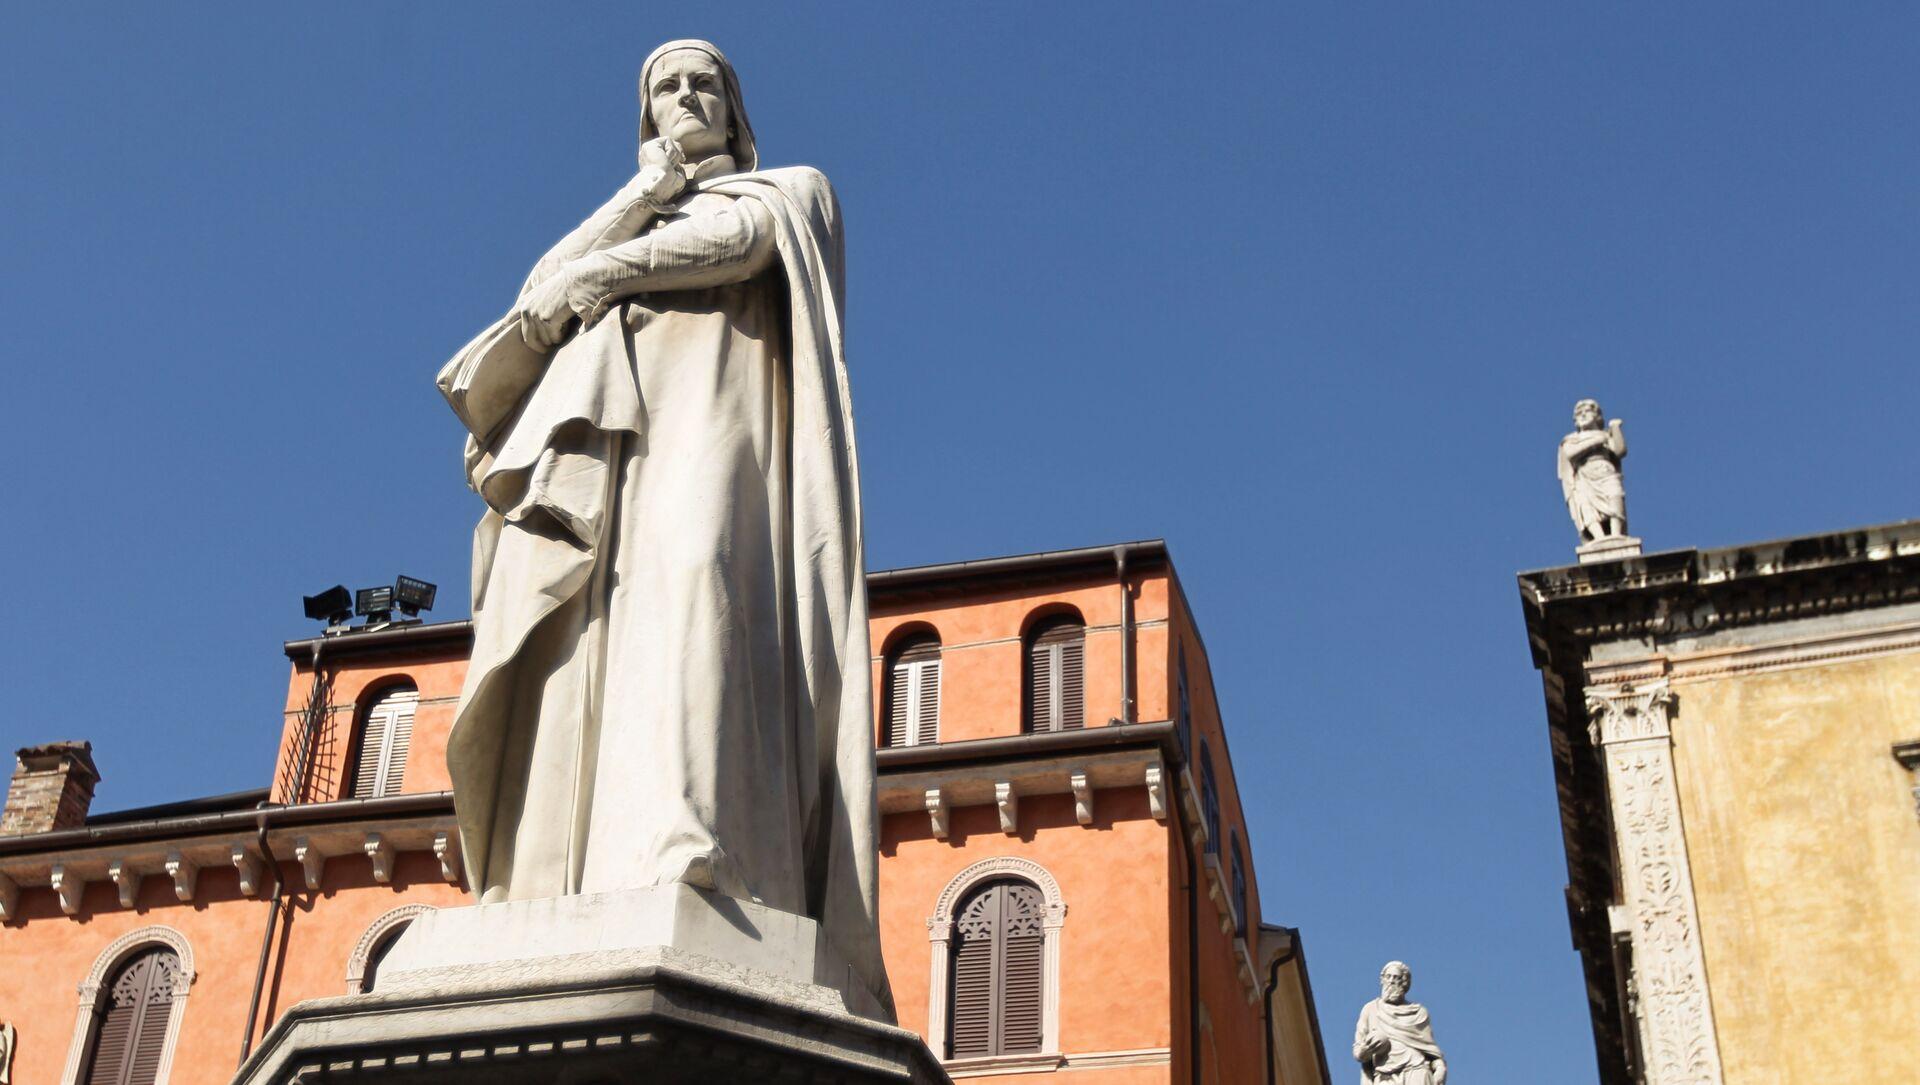 Monumento a Dante in piazza della Signoria a Firenze. - Sputnik Italia, 1920, 01.02.2021